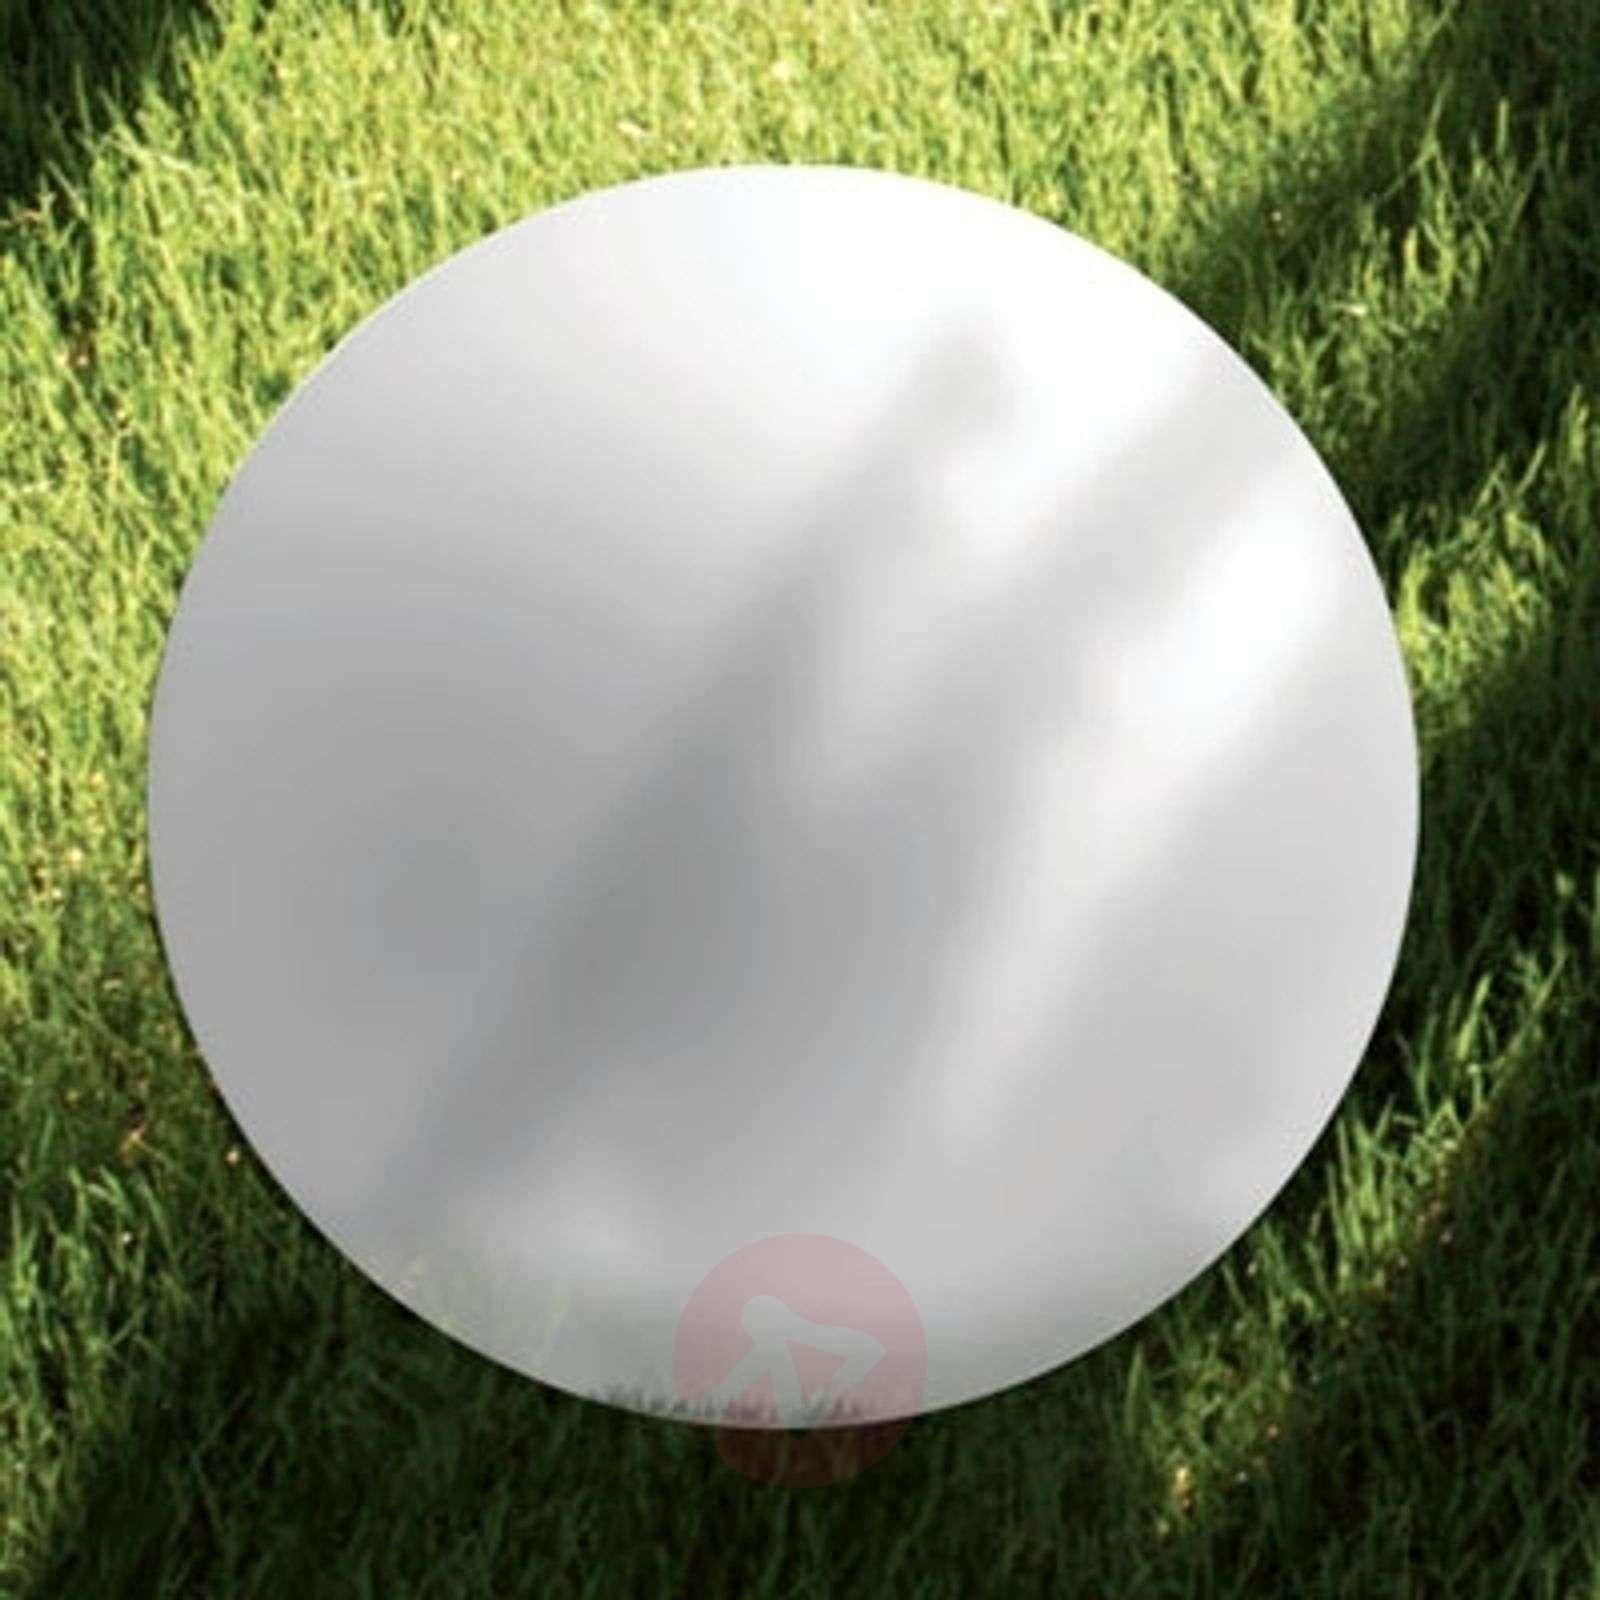 Grande Boule Lumineuse Oh Extérieur, Diam. 115 Cm destiné Boule Décorative Jardin